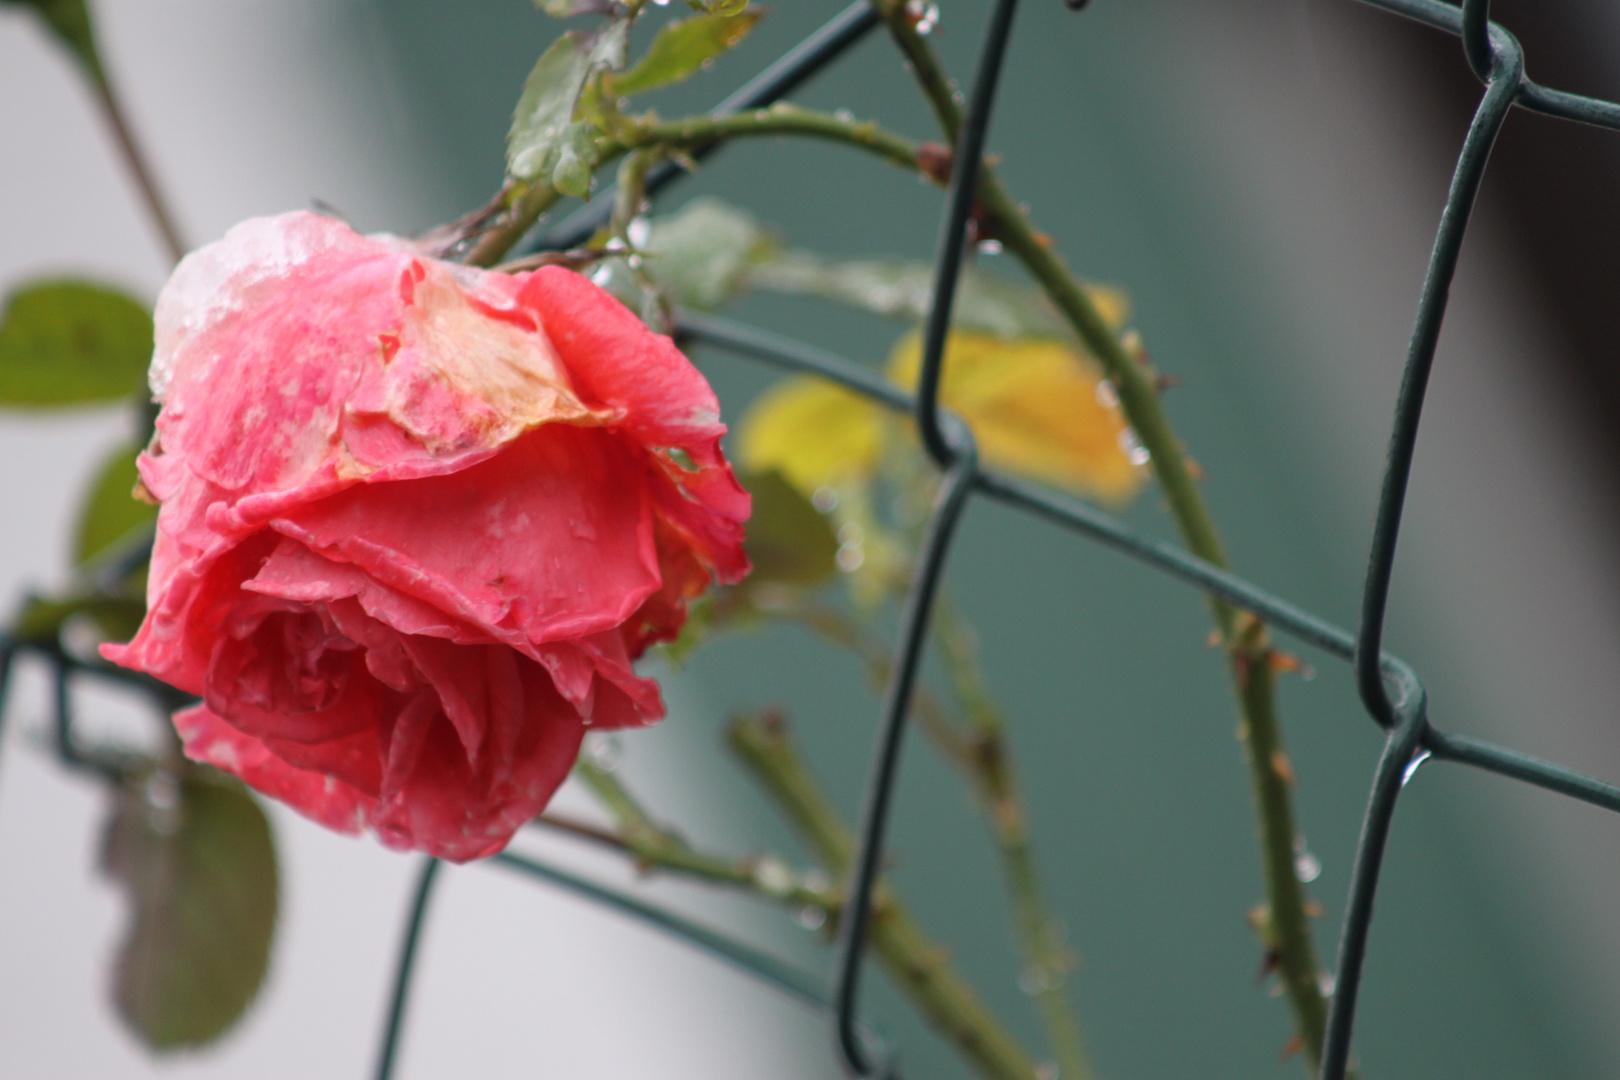 Der hägende rosenkopf :(